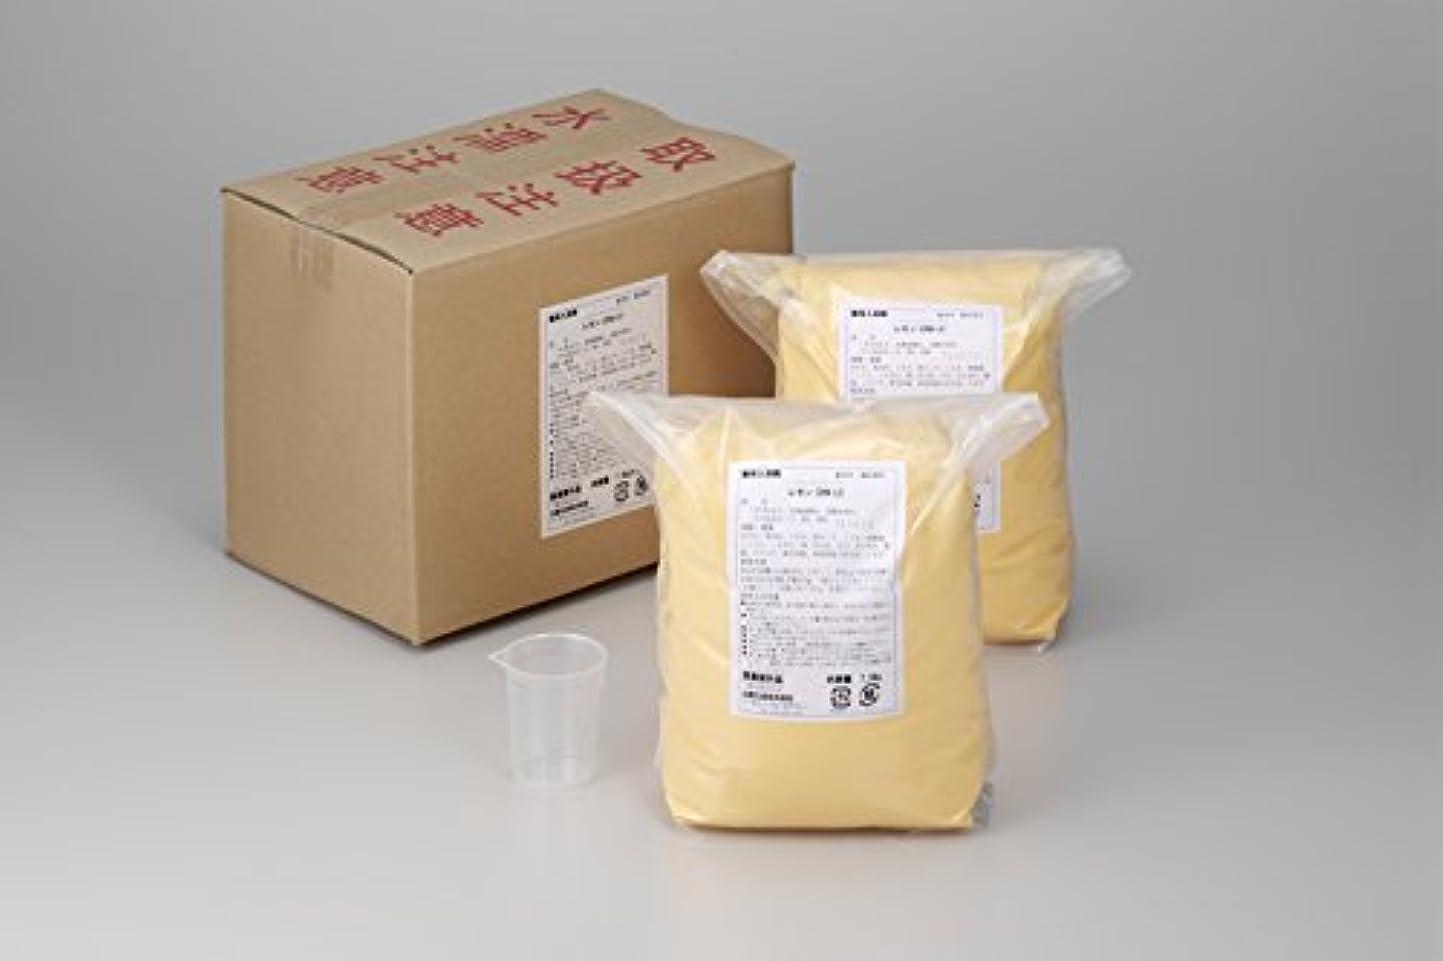 ギャンブル軍団プレゼント業務用入浴剤「レモン」15kg(7.5kg×2)